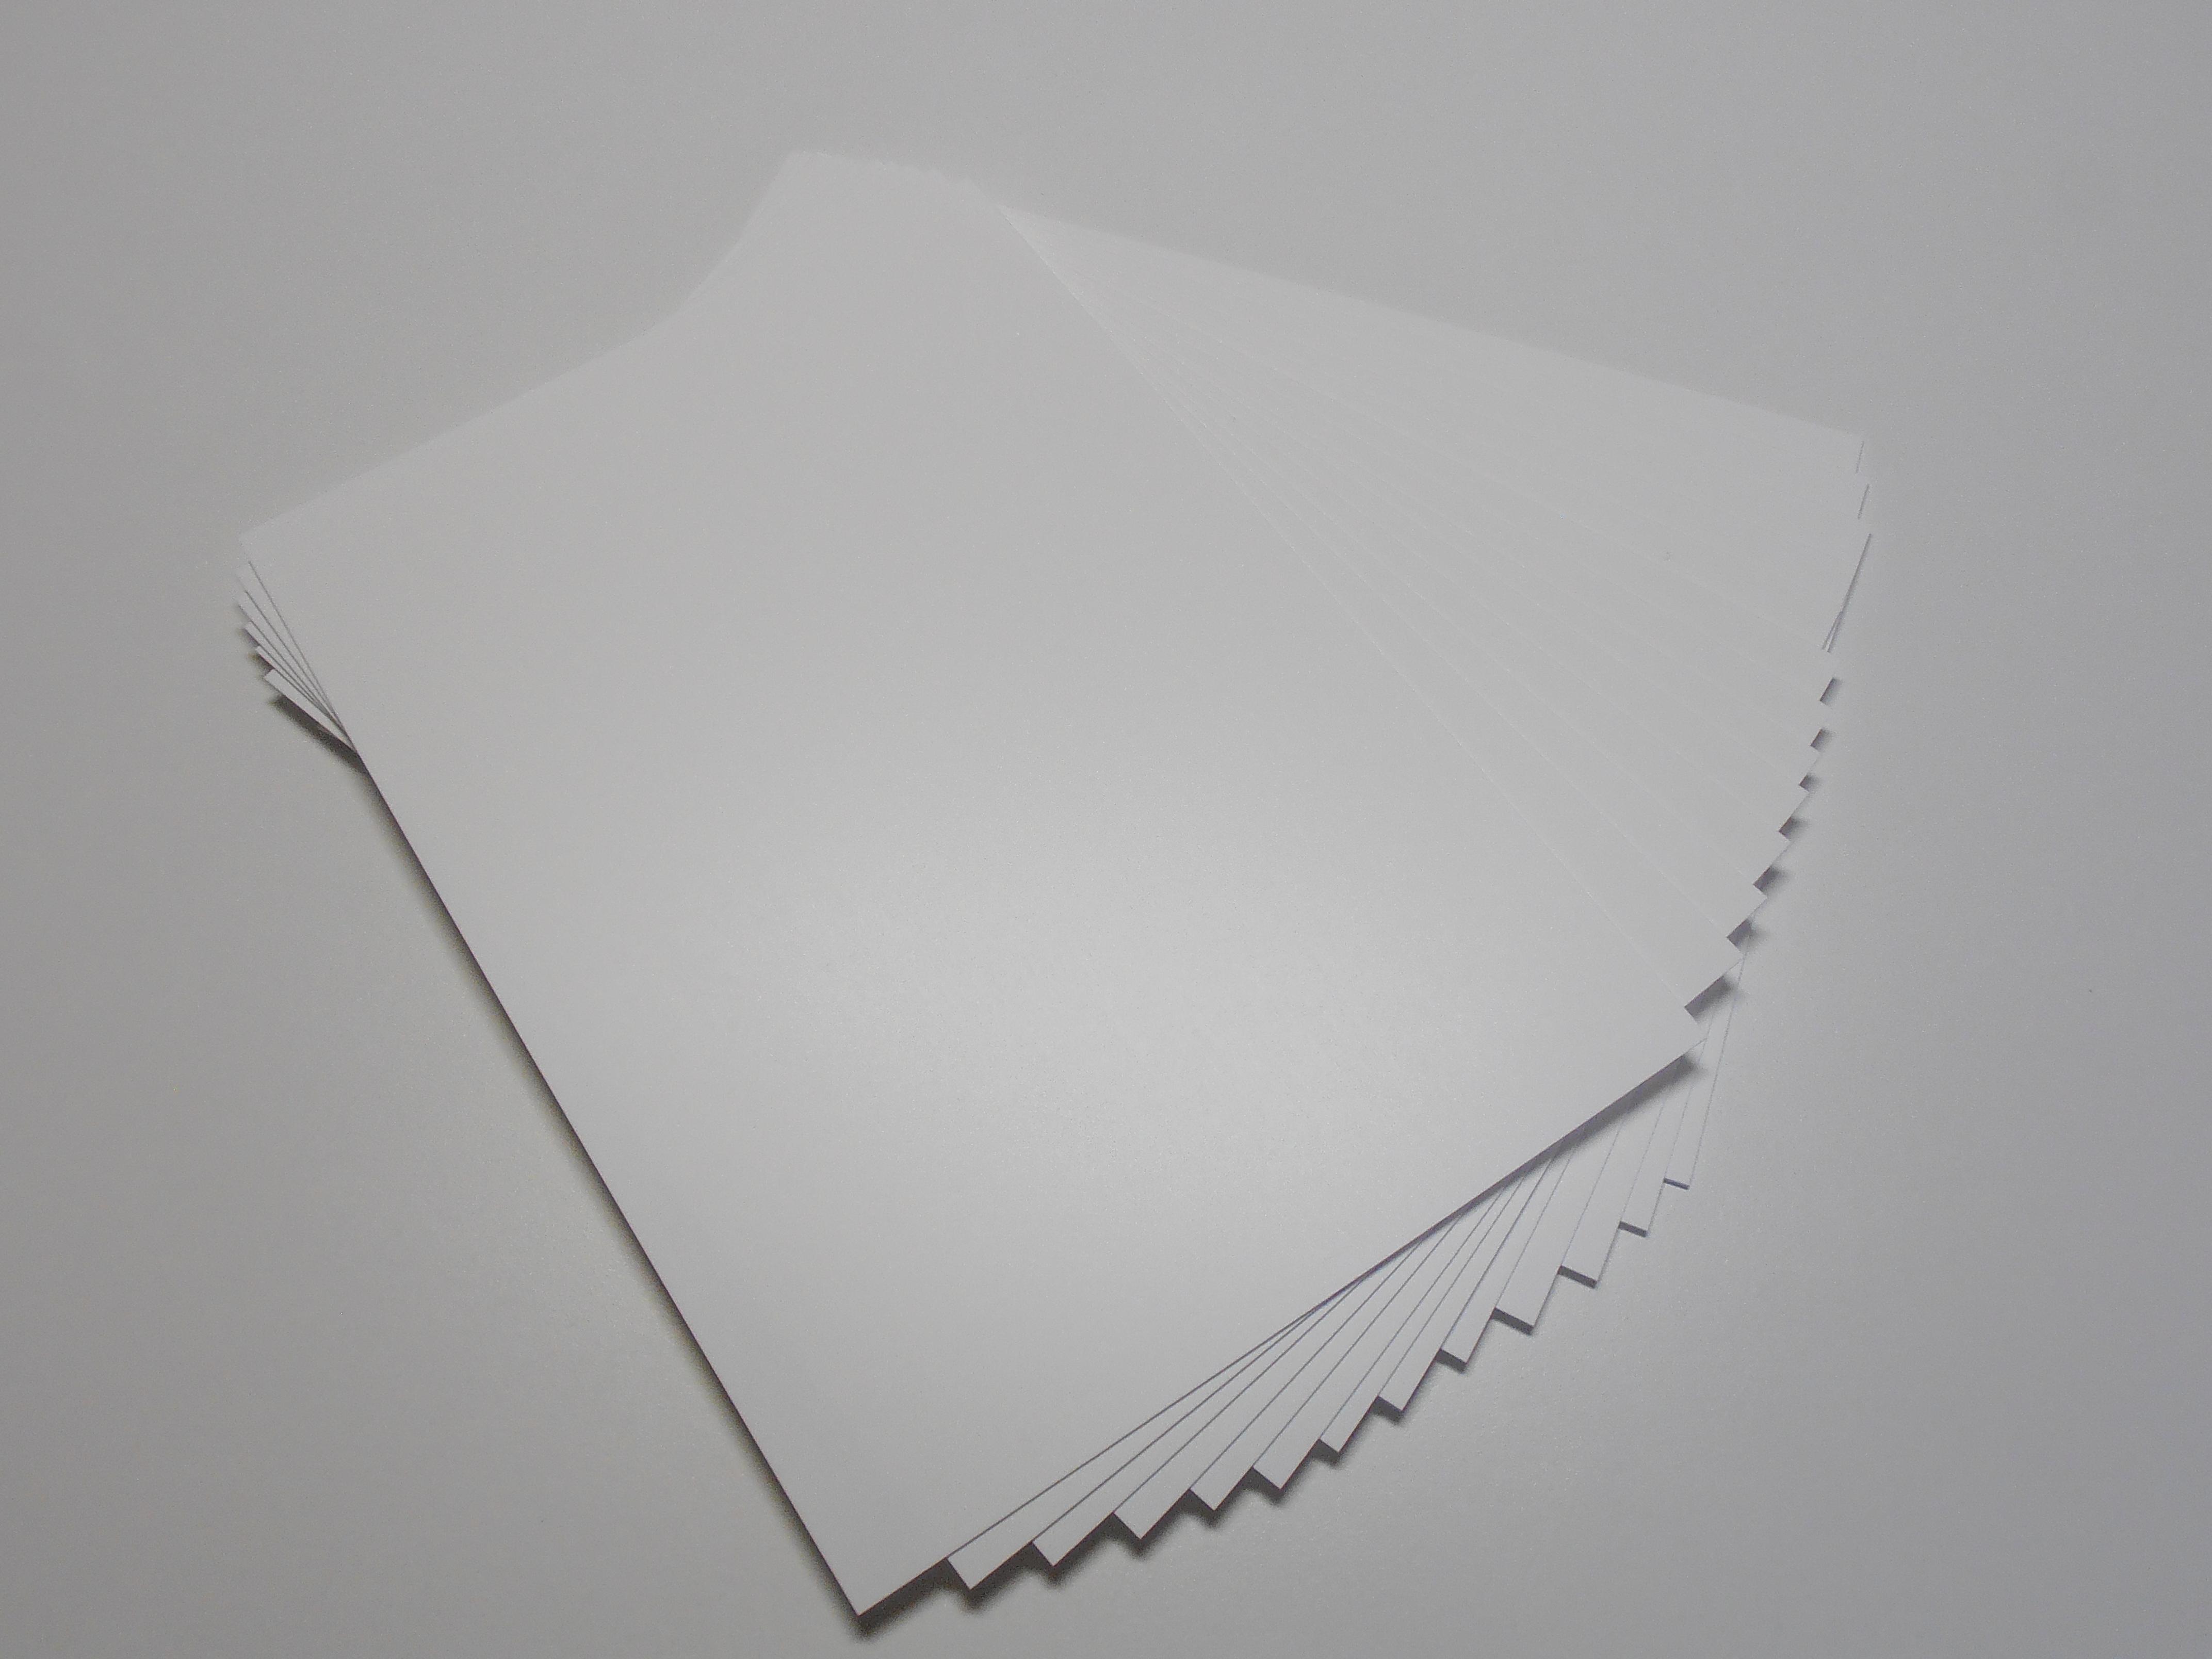 Foglio pvc bianco terminali antivento per stufe a pellet - Foglio laminato bianco ...